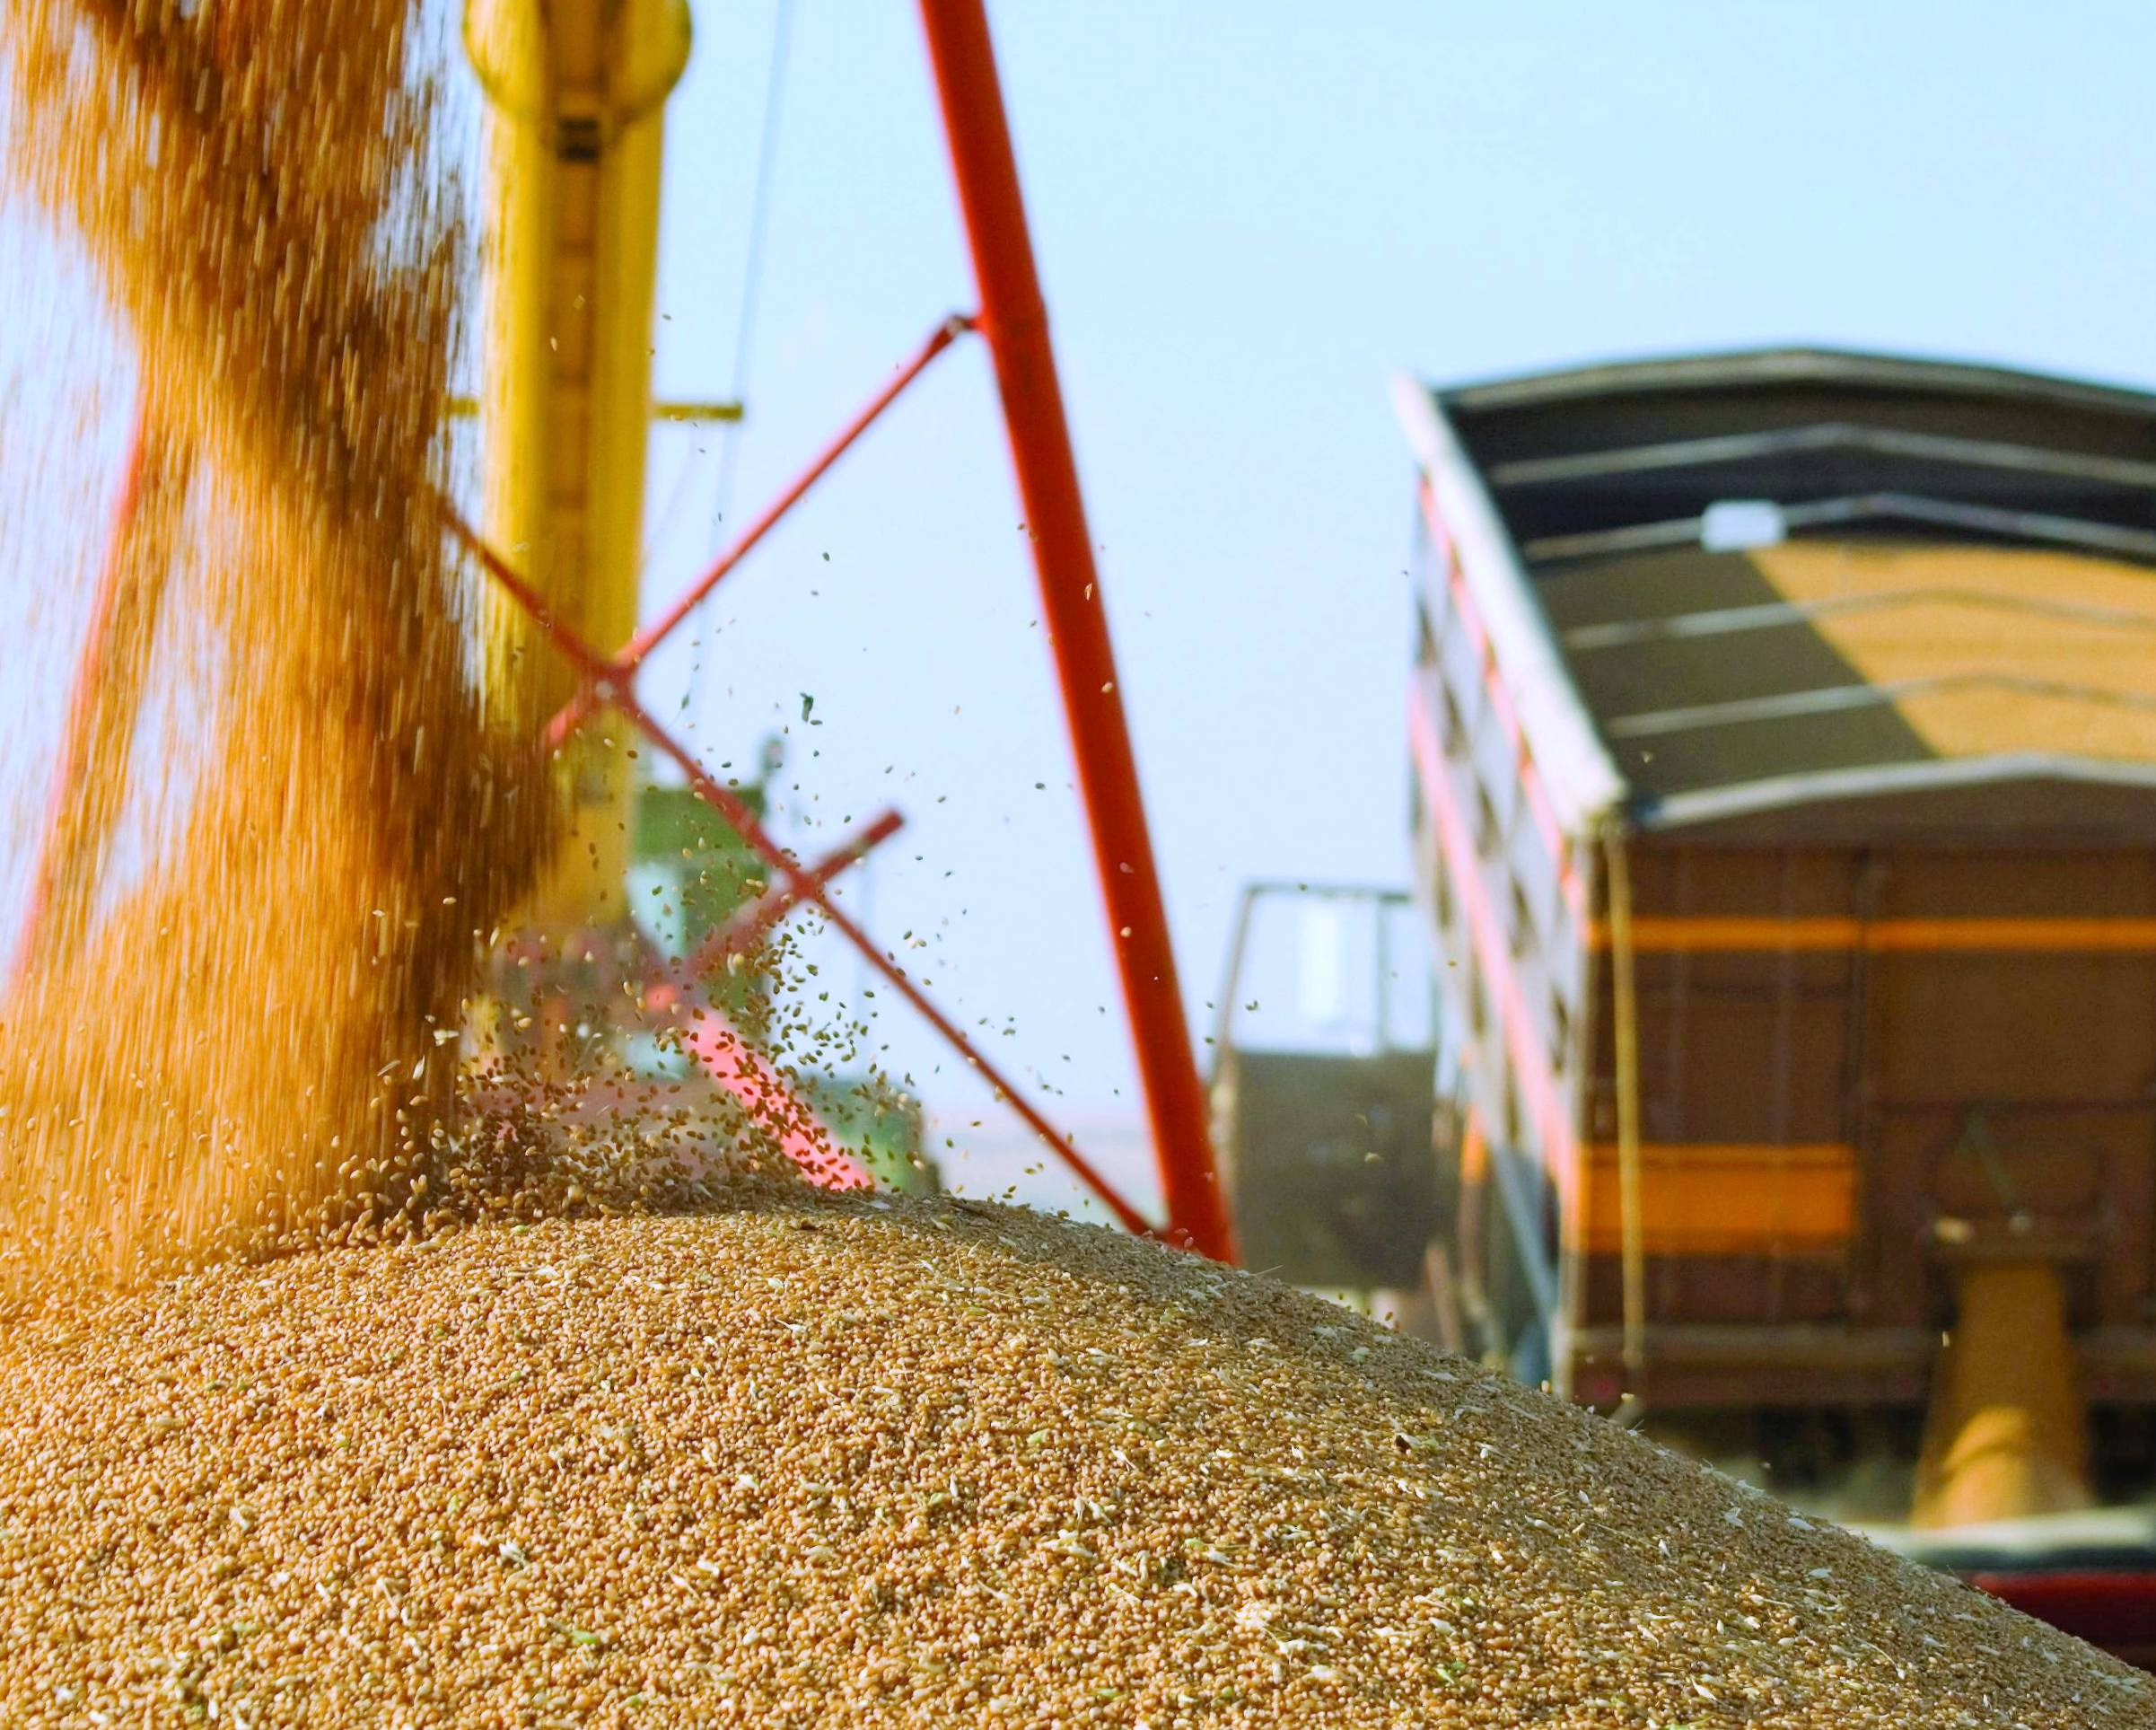 РФ увеличила экспорт пшеницы к12февраля на2,9%